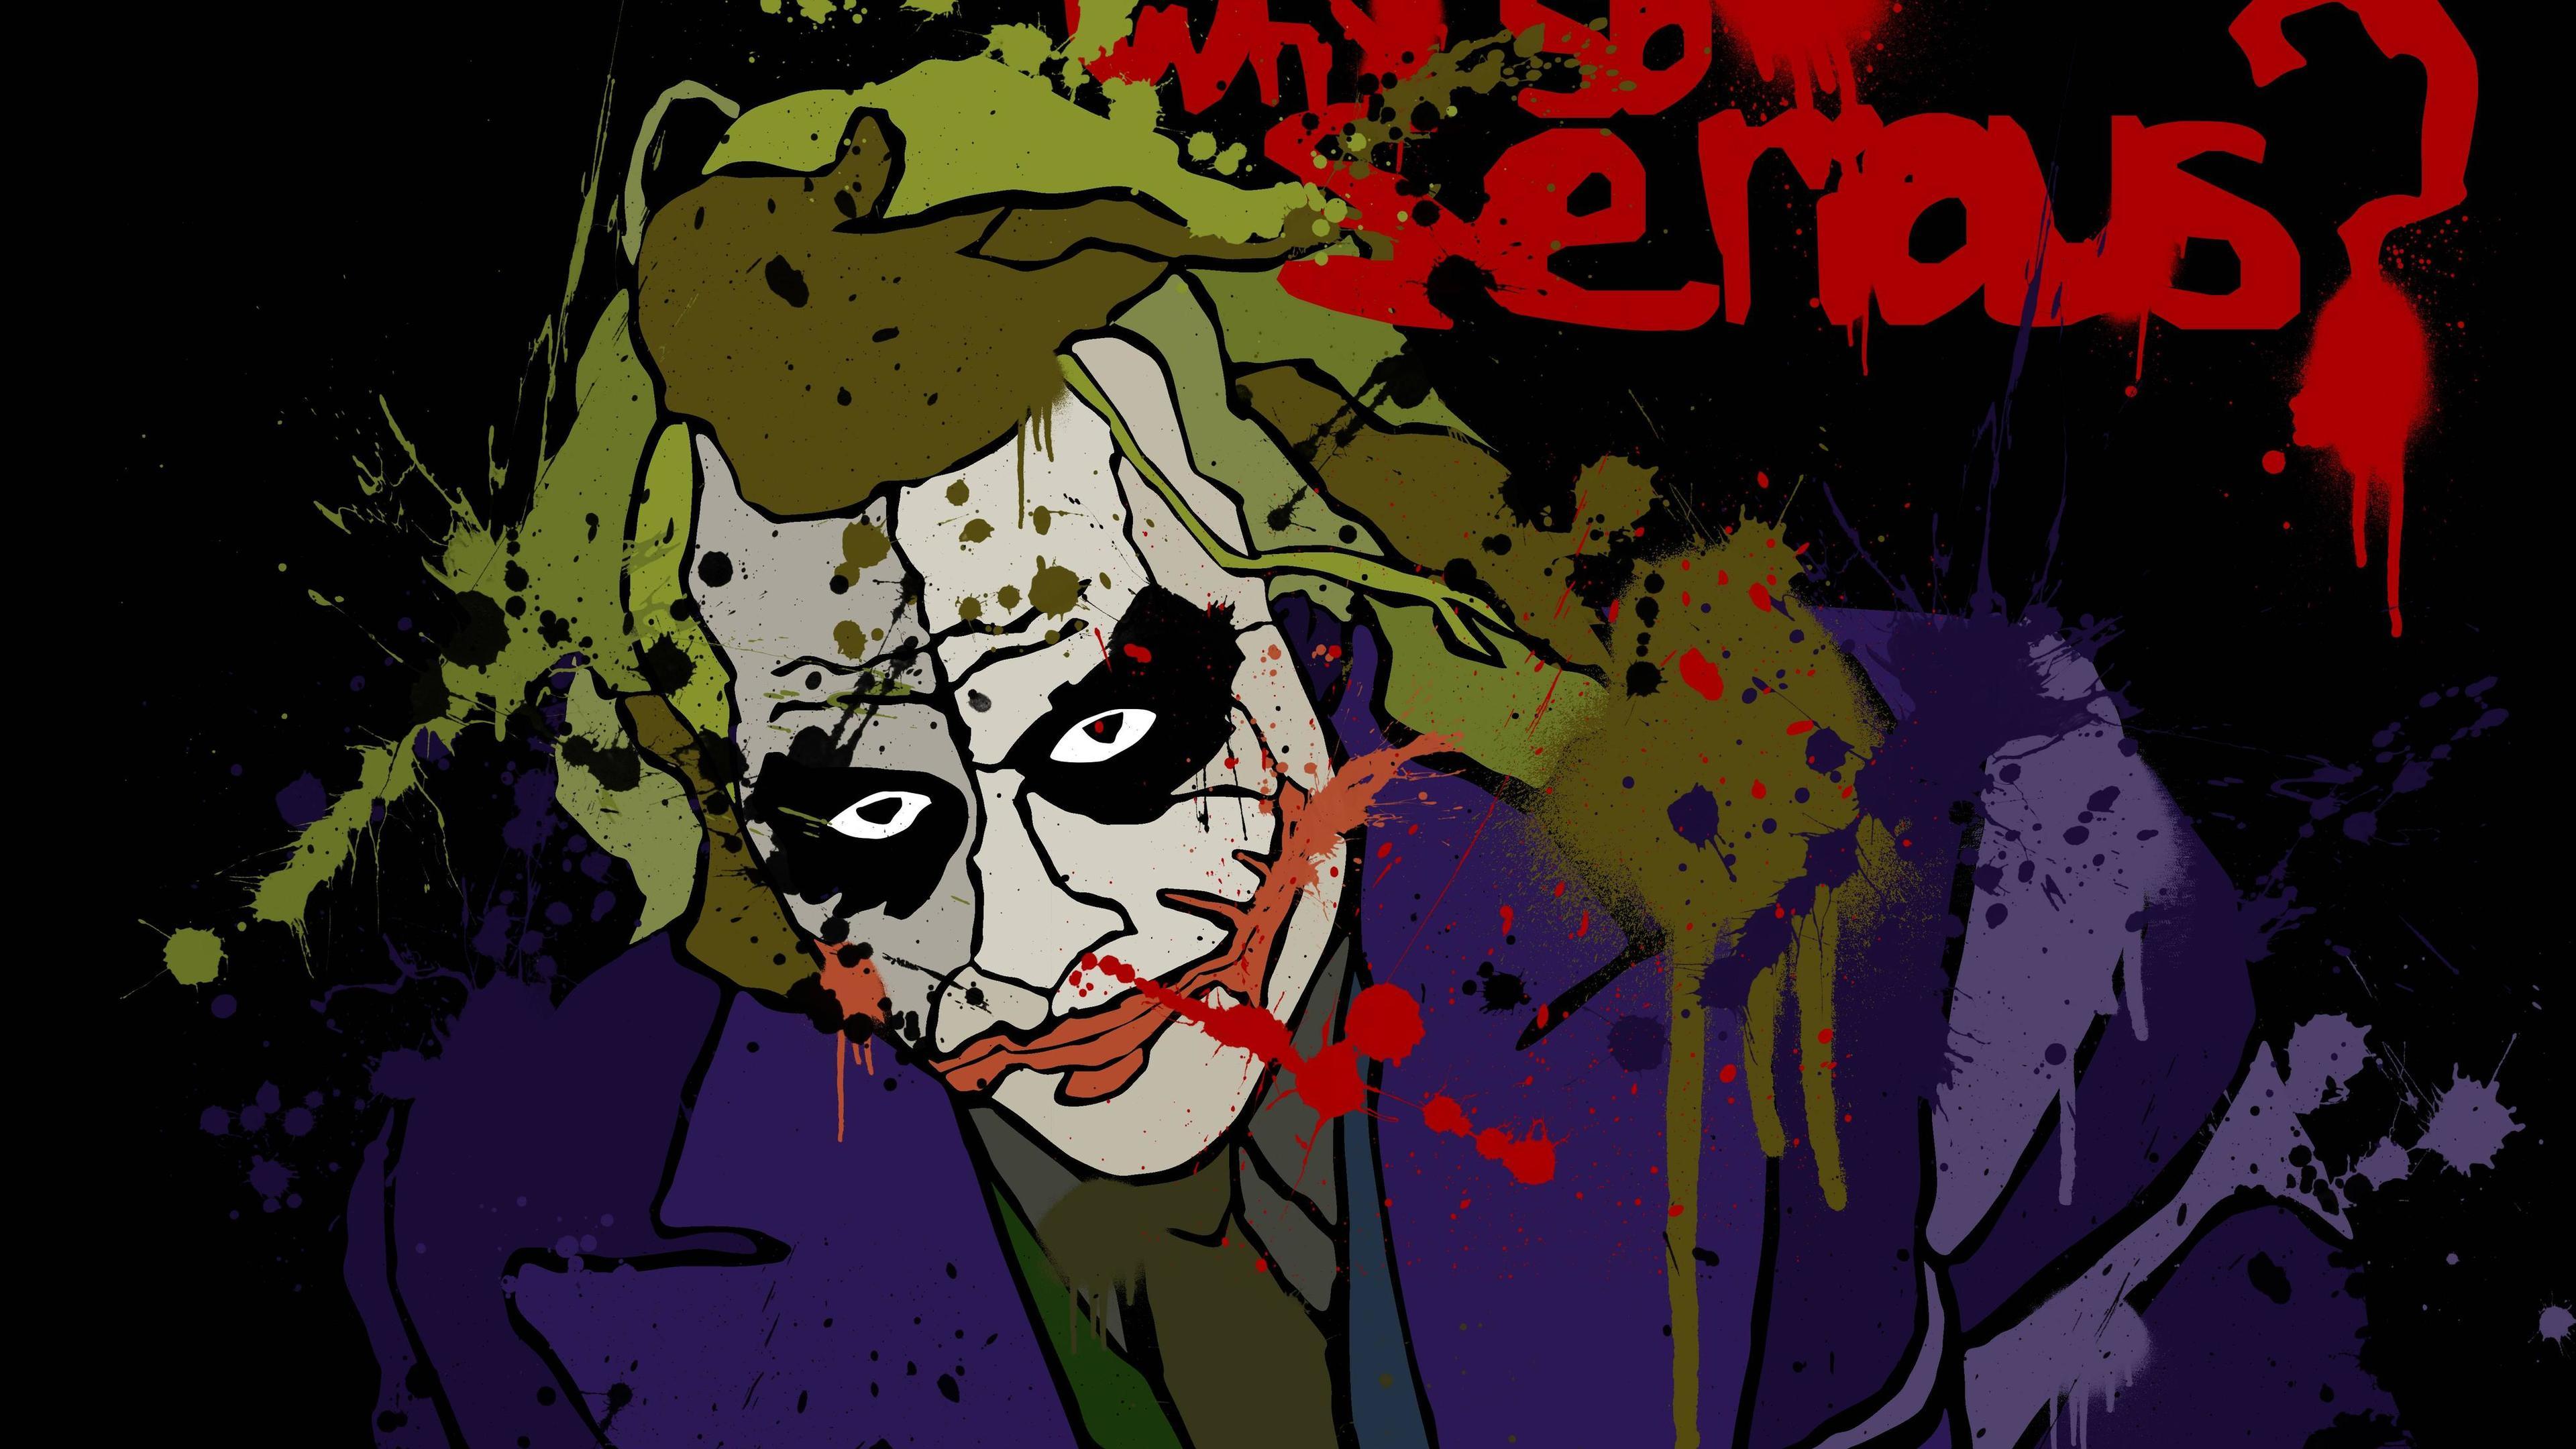 joker 5k art 1536523636 - Joker 5k Art - supervillain wallpapers, superheroes wallpapers, joker wallpapers, hd-wallpapers, digital art wallpapers, artwork wallpapers, 5k wallpapers, 4k-wallpapers